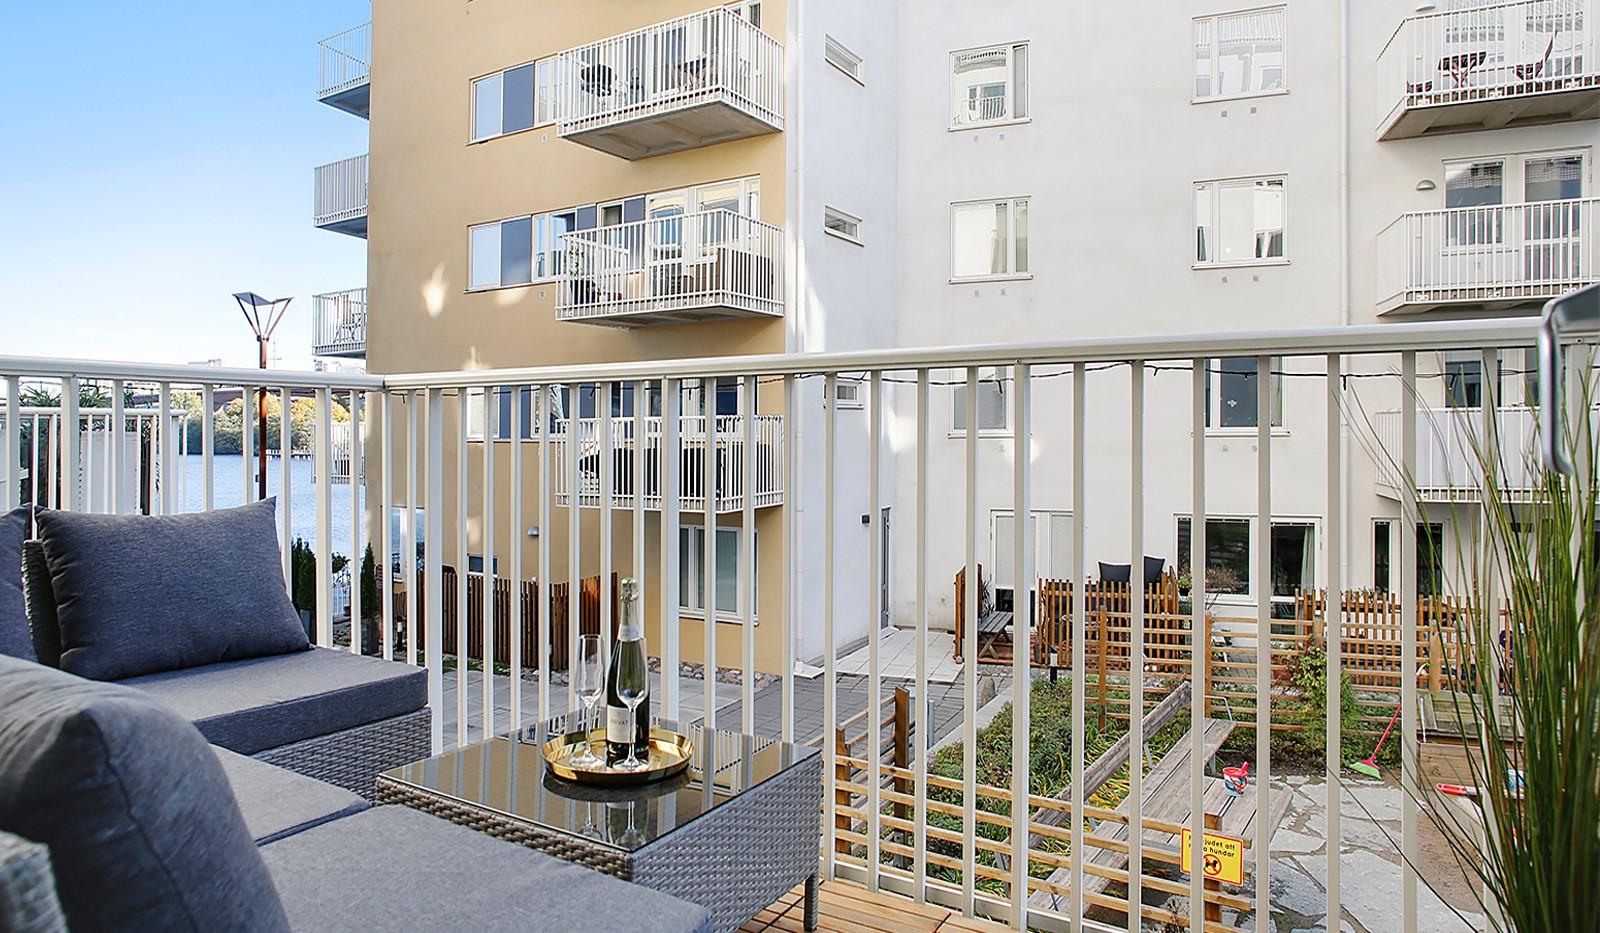 Vinodlargatan 7, 2 tr - Härlig balkong mot innergården som bjuder på sjöglimt mot Årstaviken